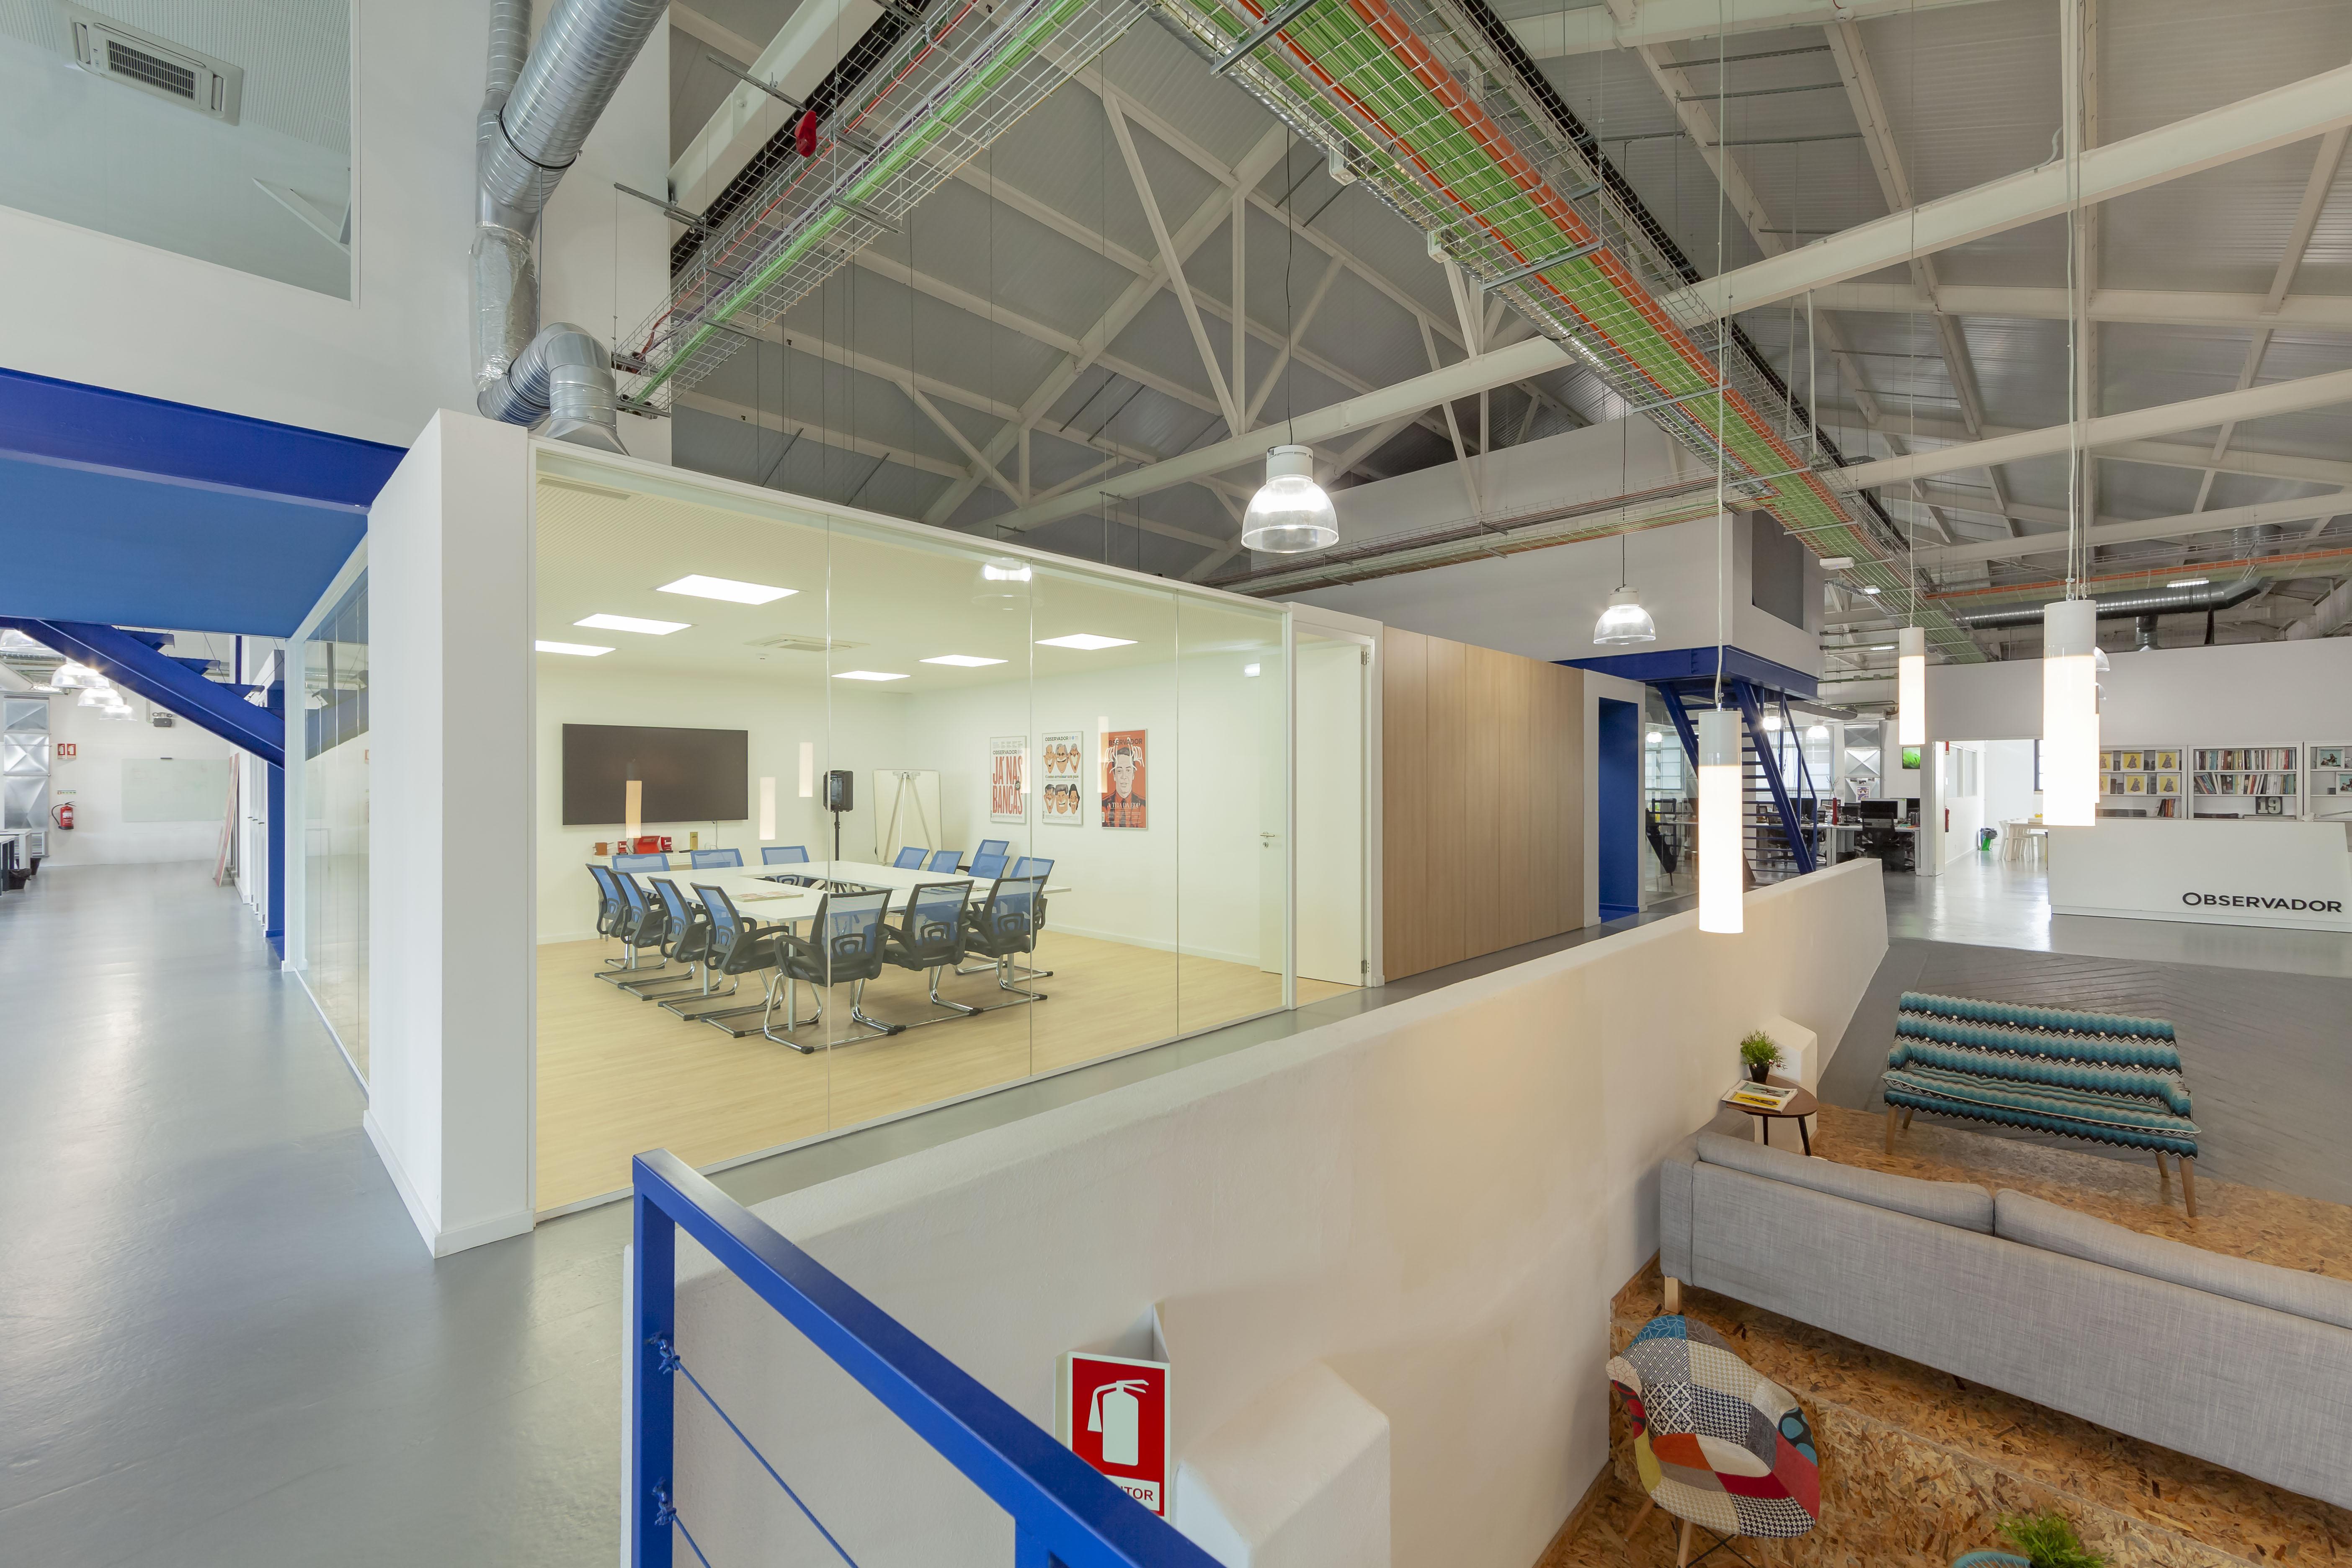 Uma zona de estar e uma sala de reuniões / JLL